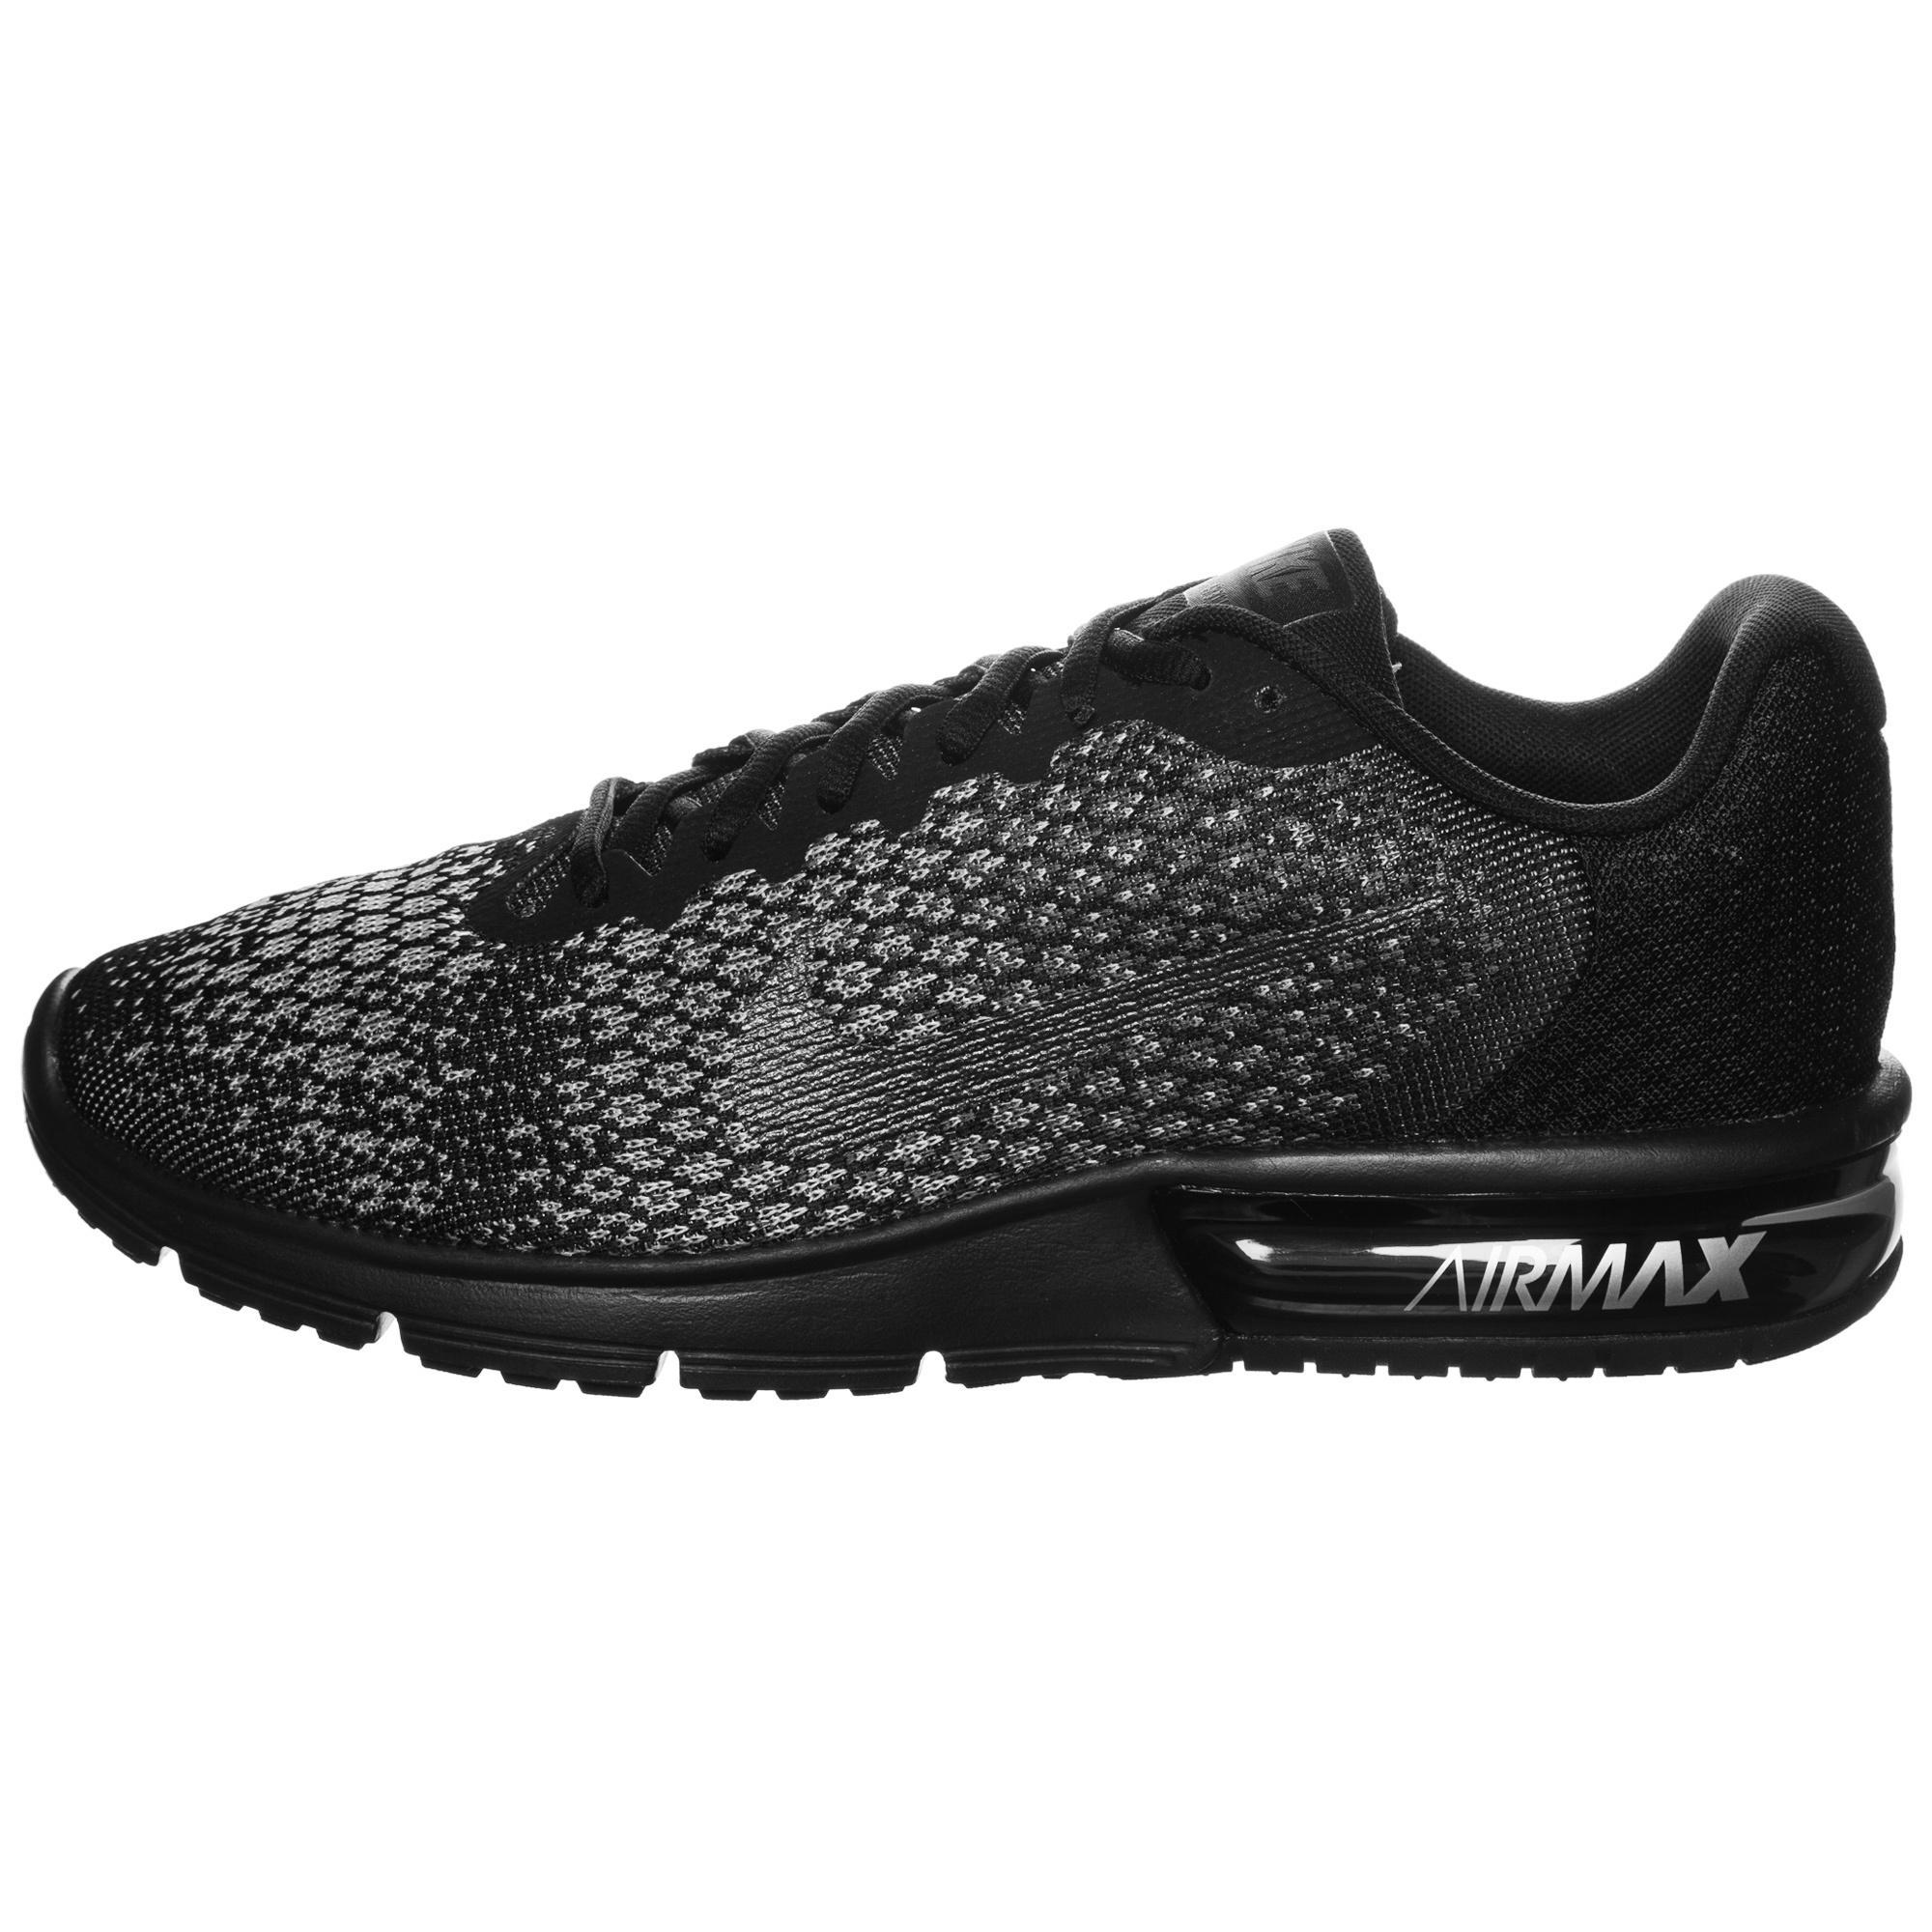 Nike Air Max Sequent 2 Laufschuhe Herren Herren Herren schwarz / grau im Online Shop von SportScheck kaufen Gute Qualität beliebte Schuhe 3996ec